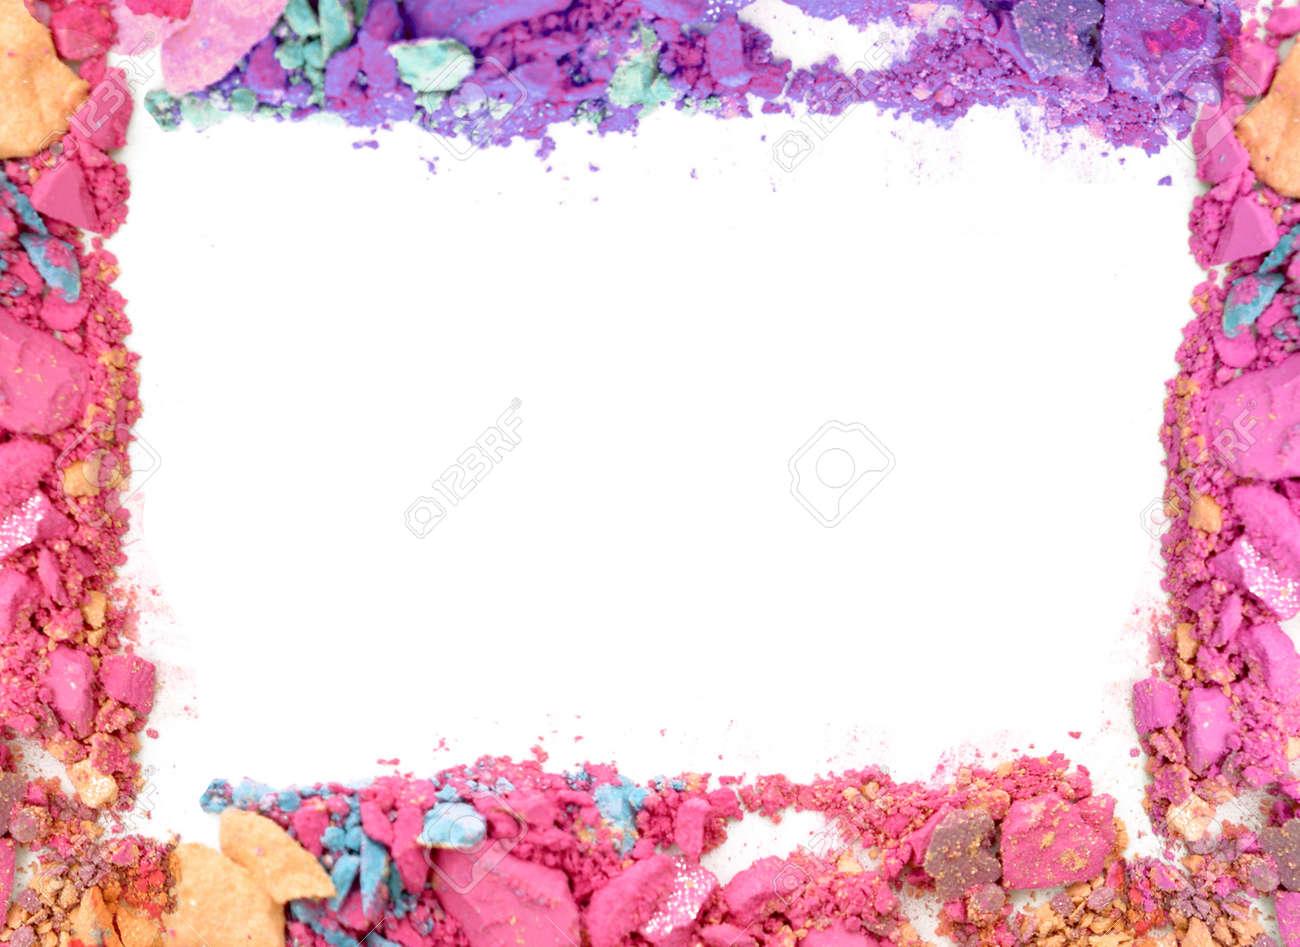 Make-up-Farbe Rahmen Auf Weißem Hintergrund Lizenzfreie Fotos ...